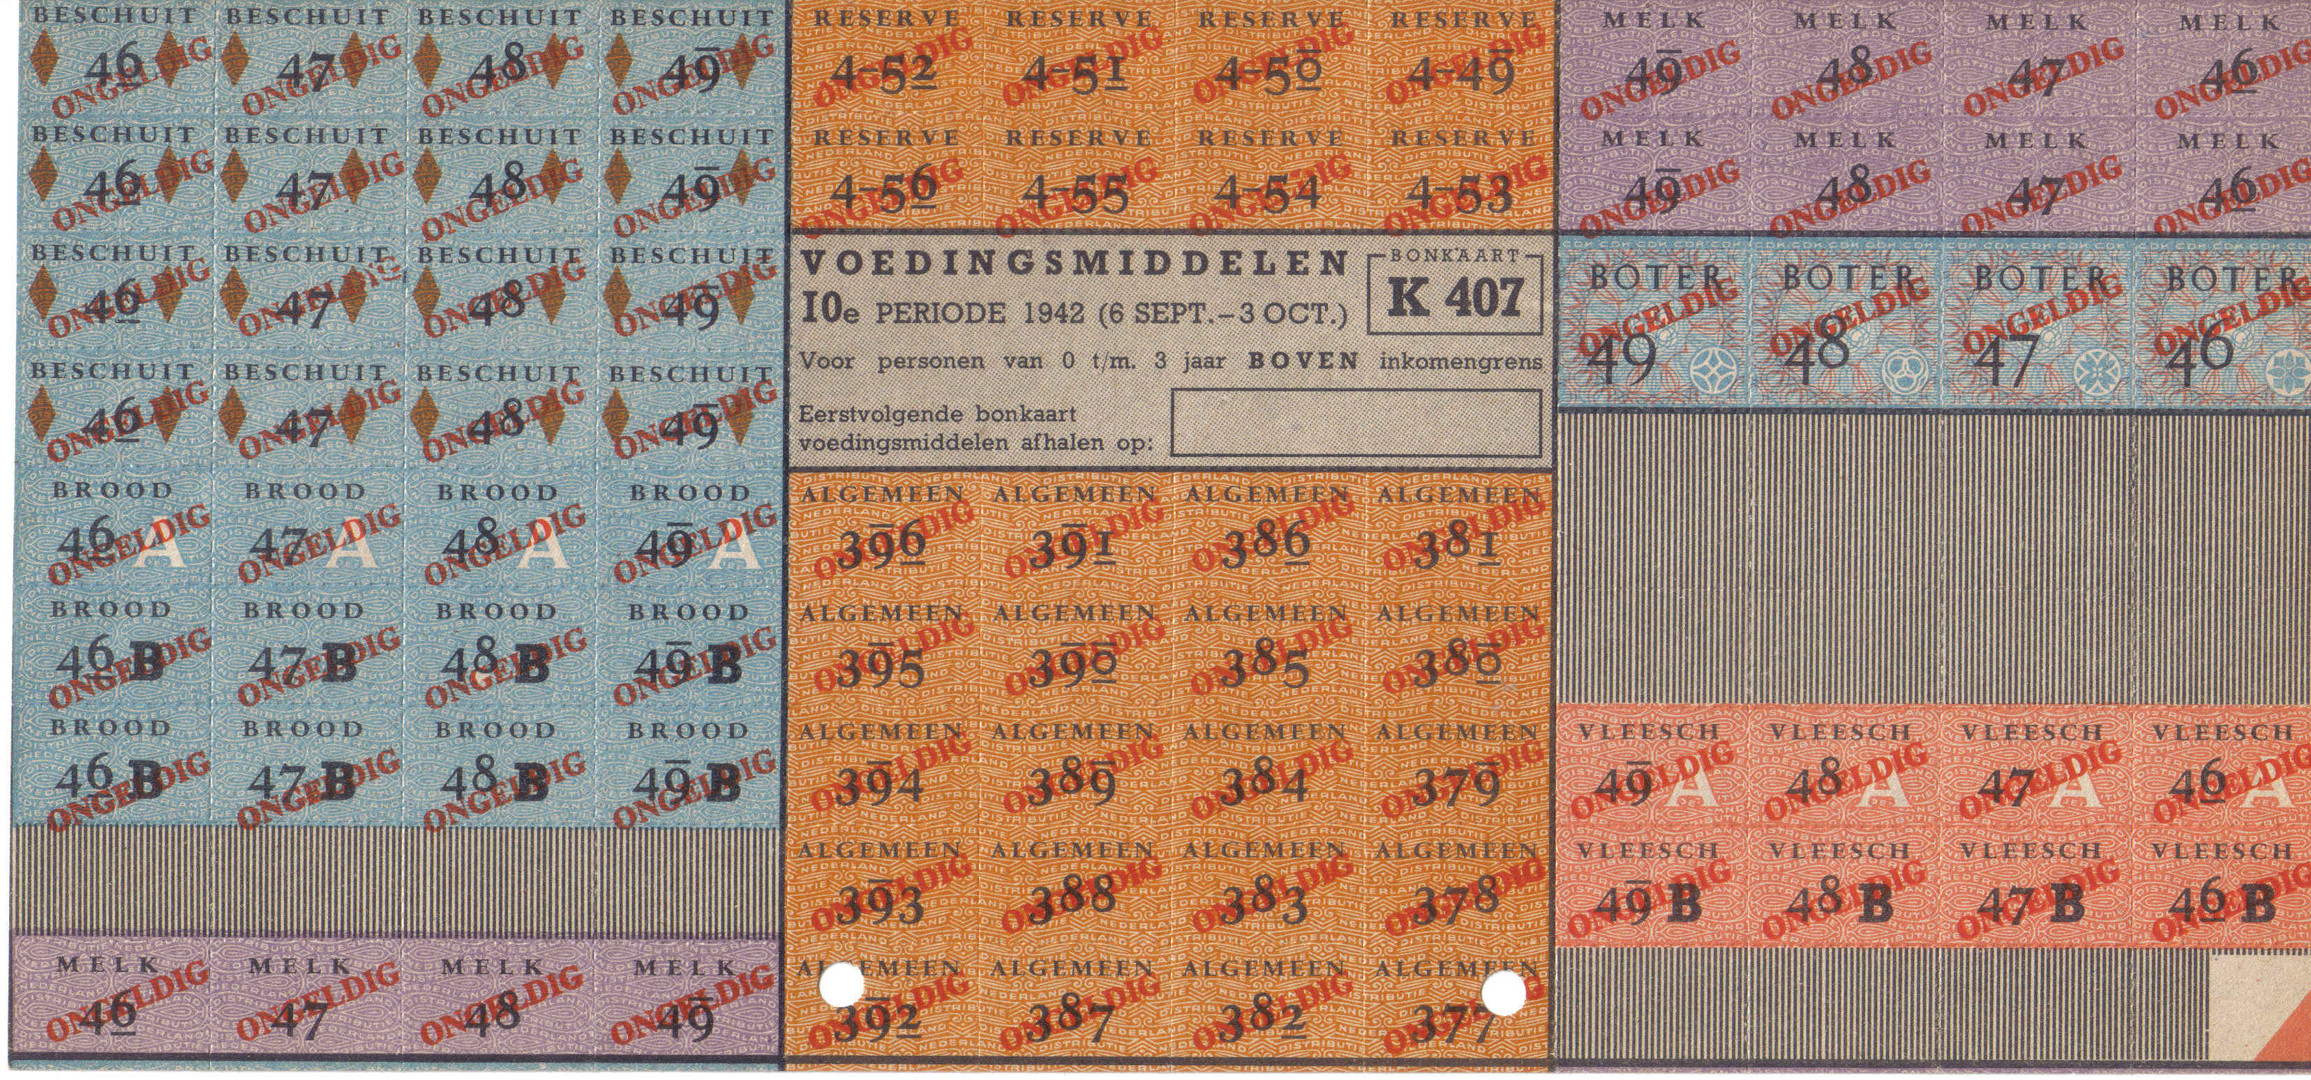 s0092 bonkaart.jpg